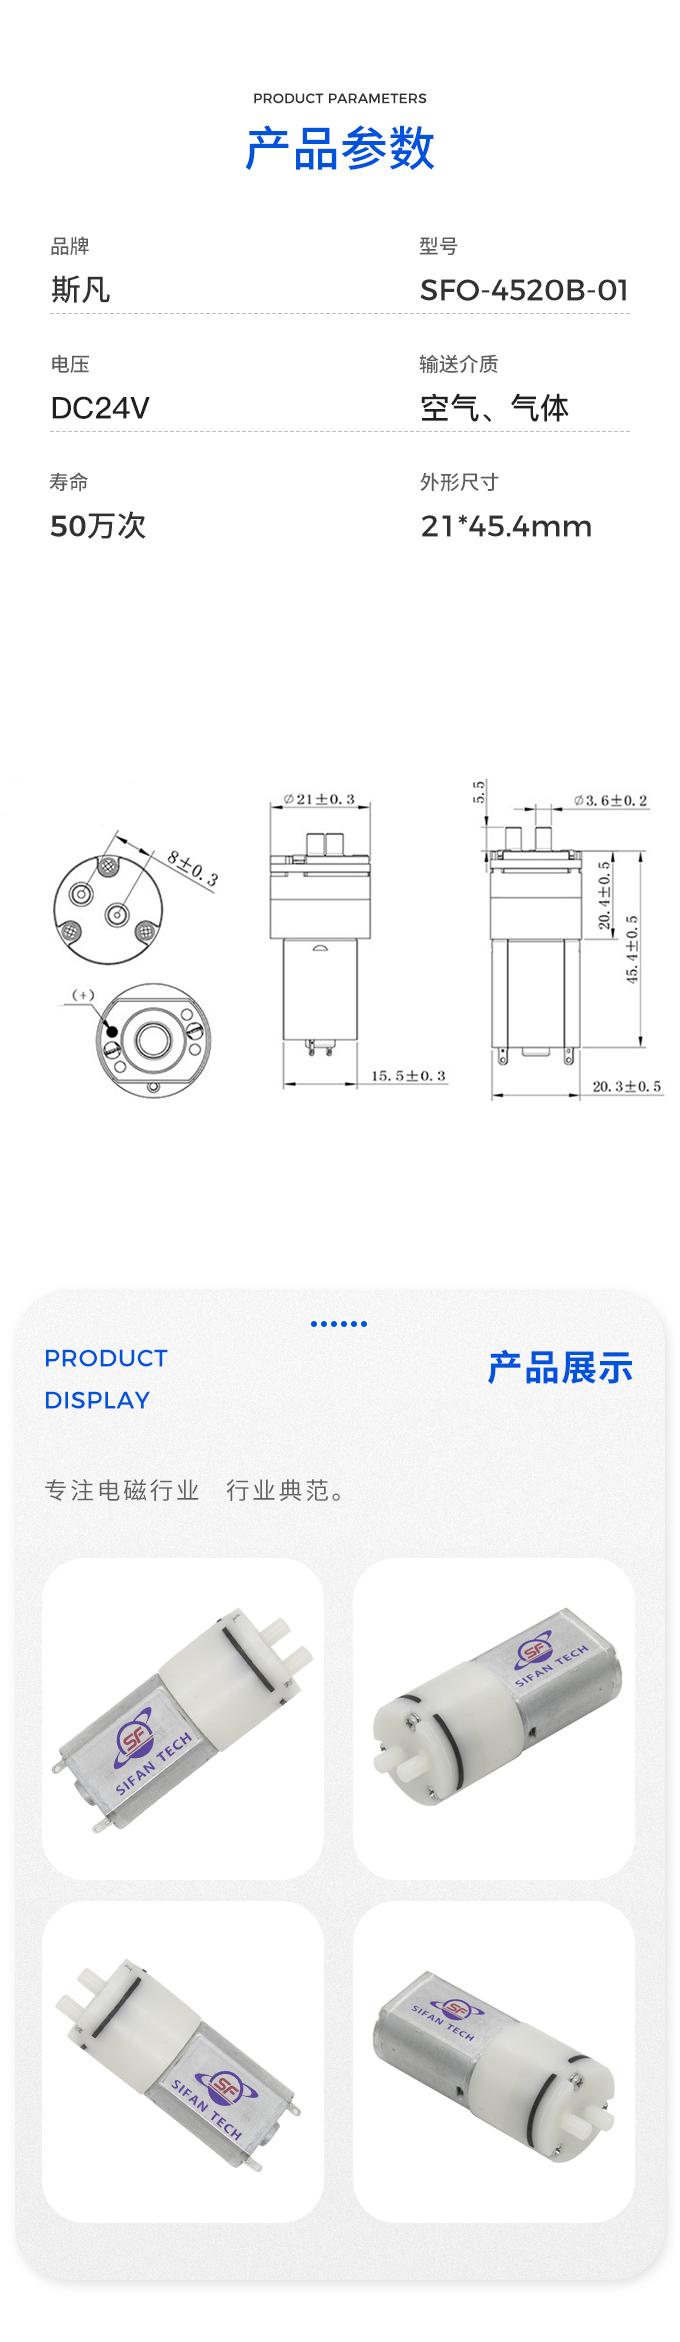 SFO-4520B-01g.jpg